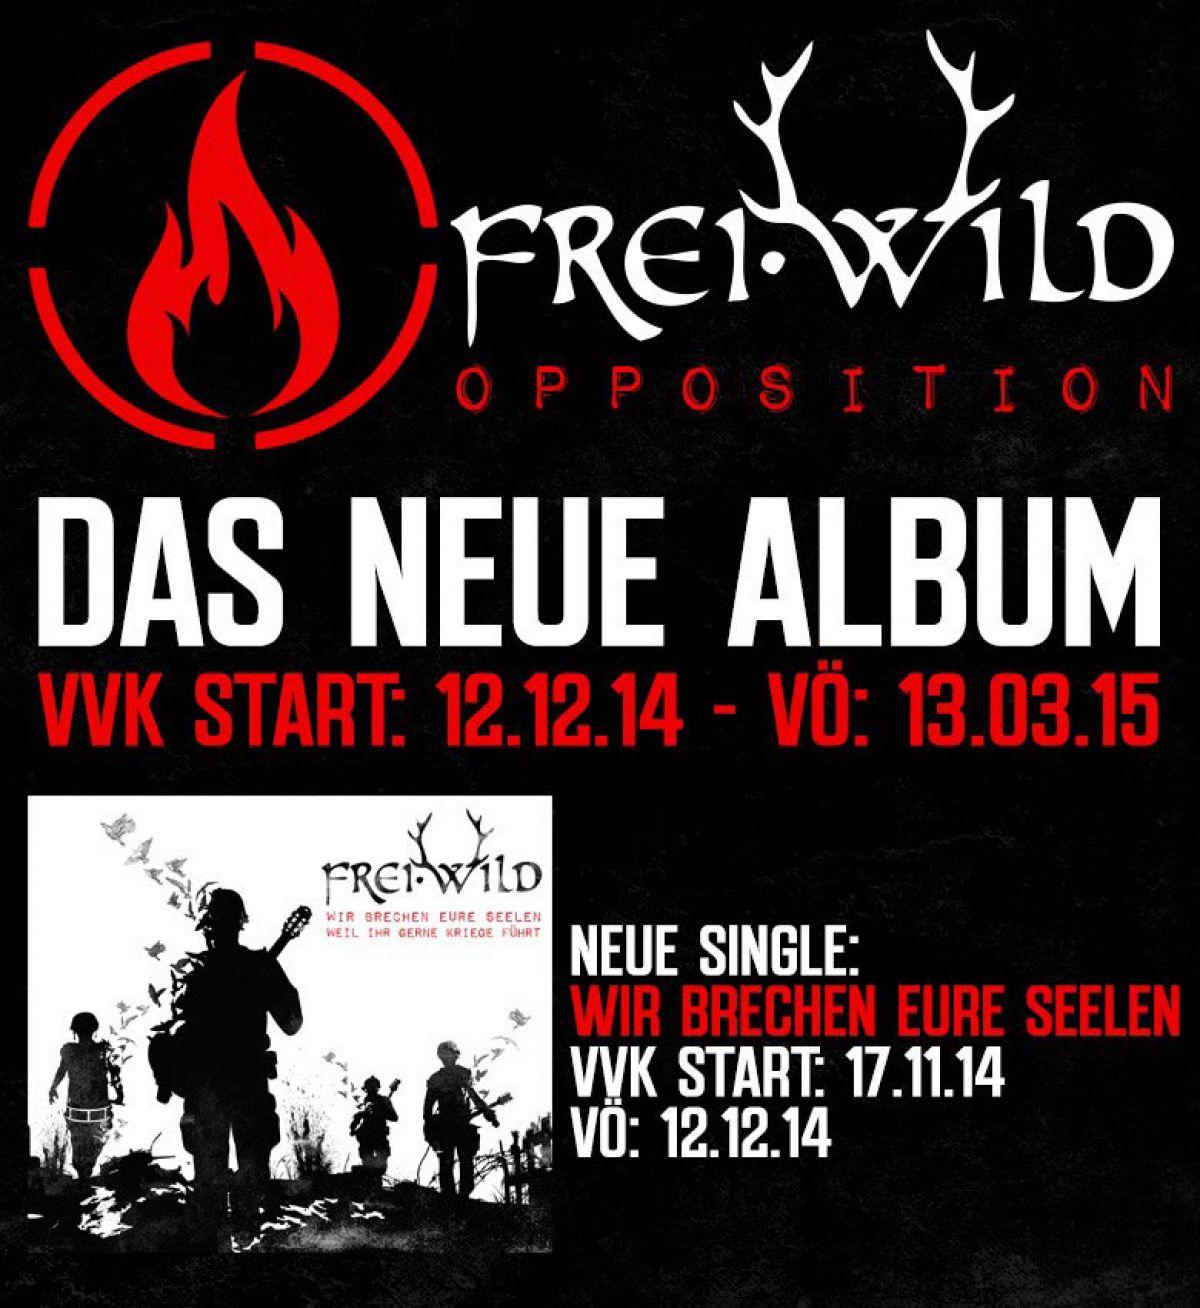 Frei.Wild - OPPOSITION kommt, 1.Single kommt | Blog